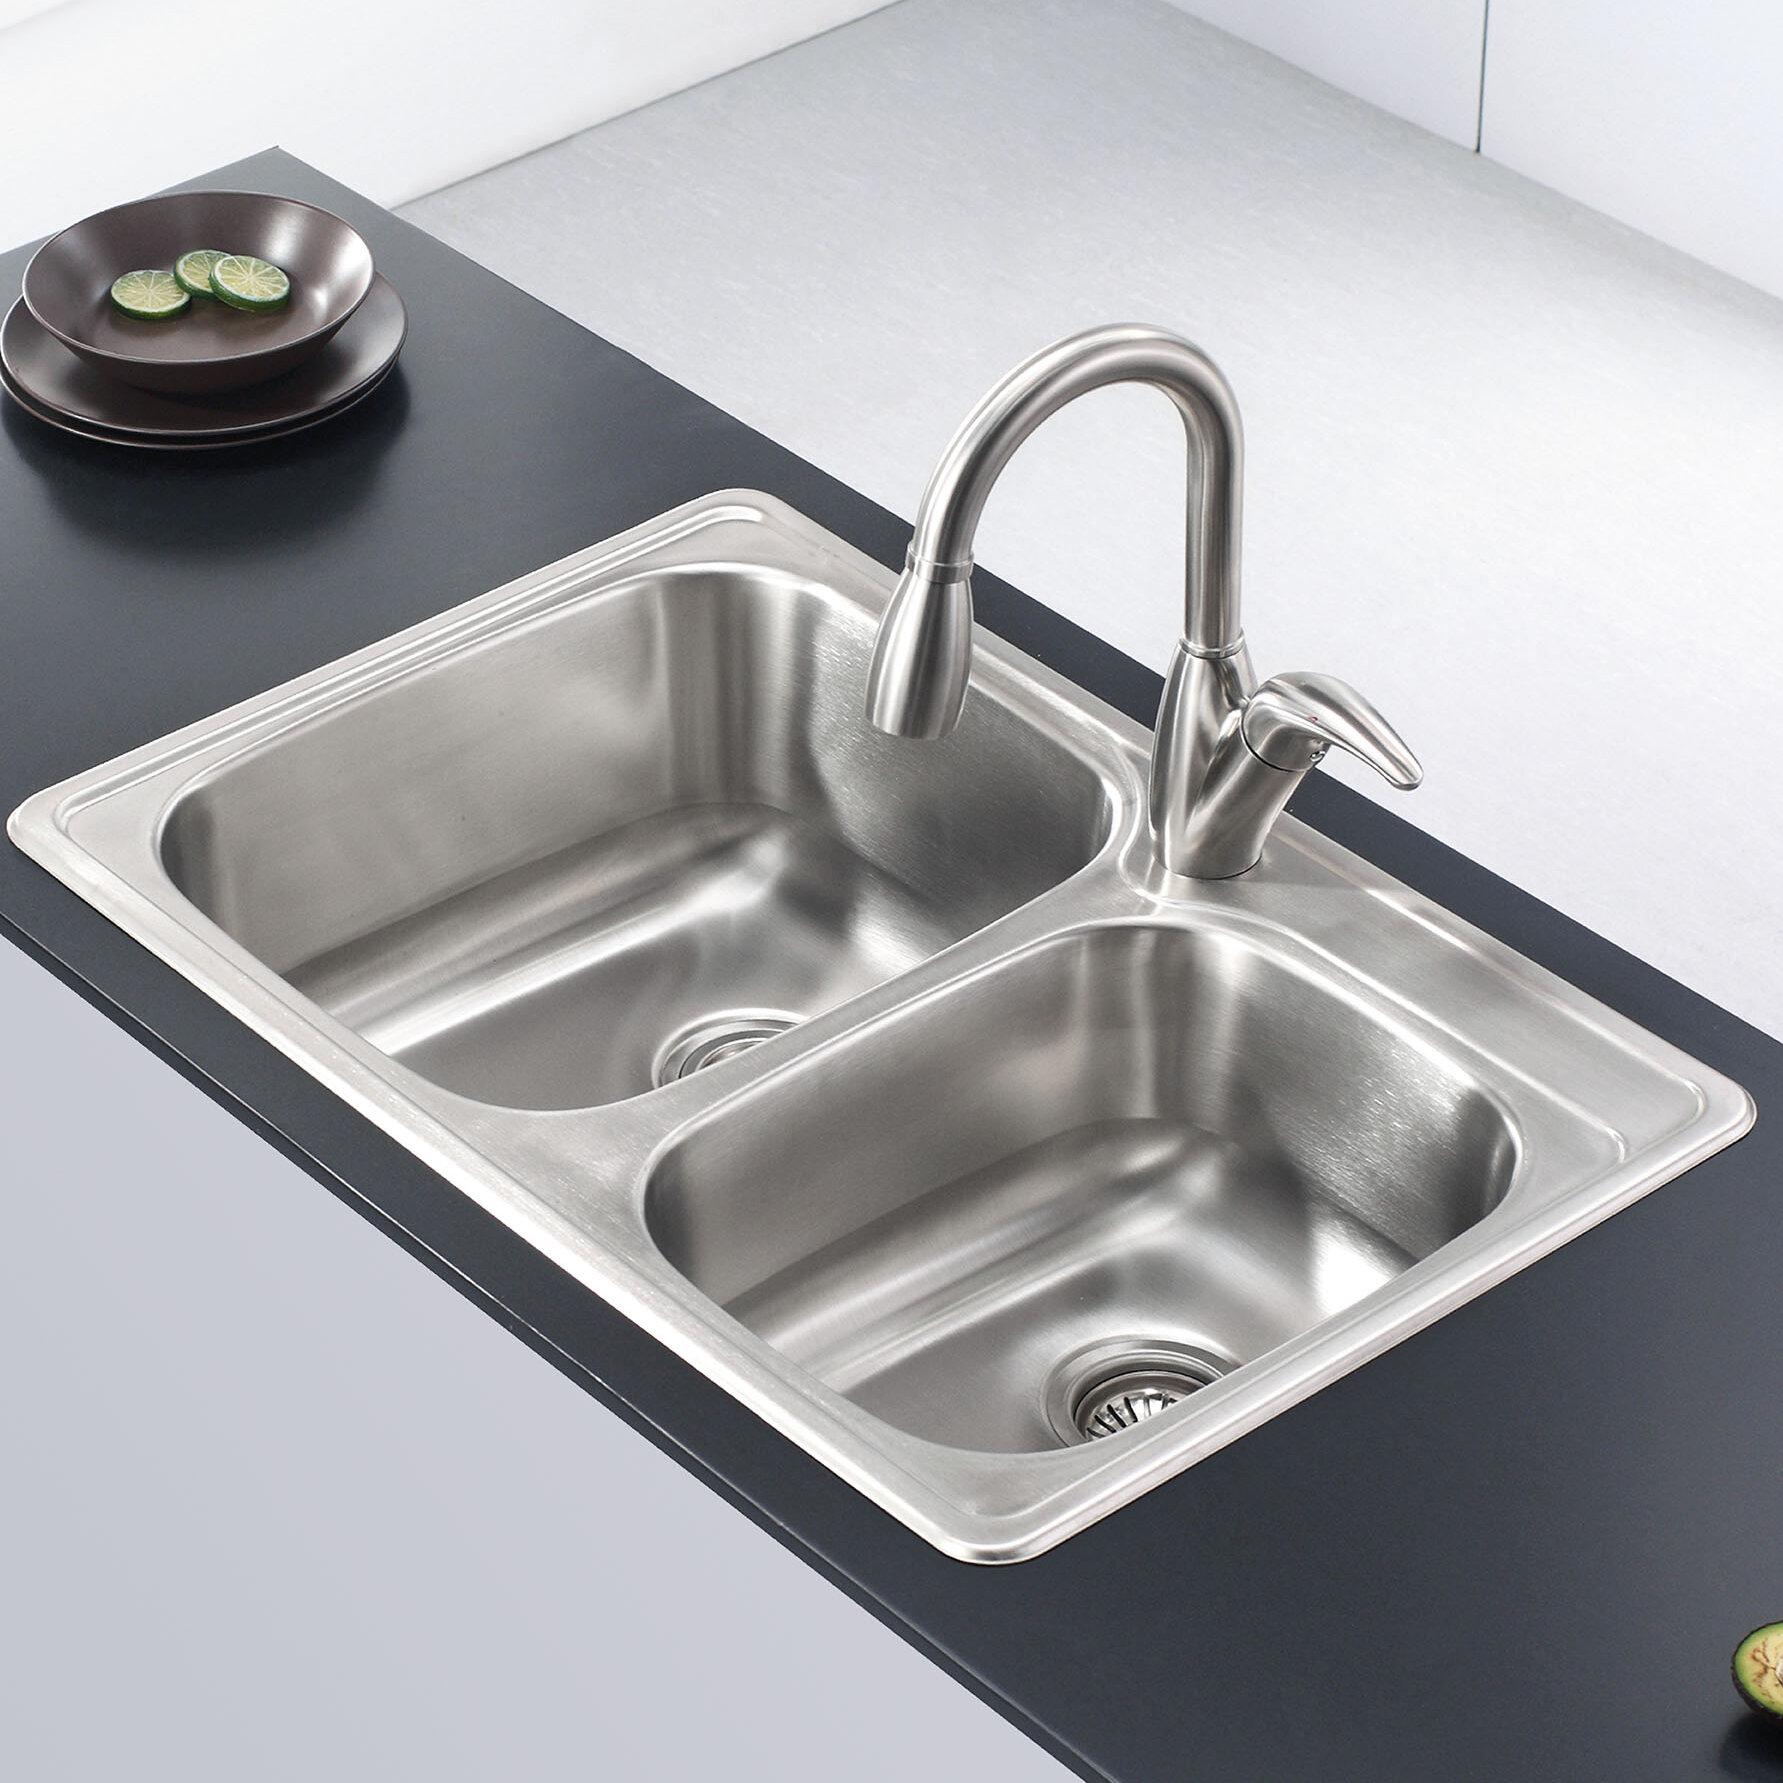 Stainless steel 33 l x 22 w double basin drop in kitchen sink reviews joss main